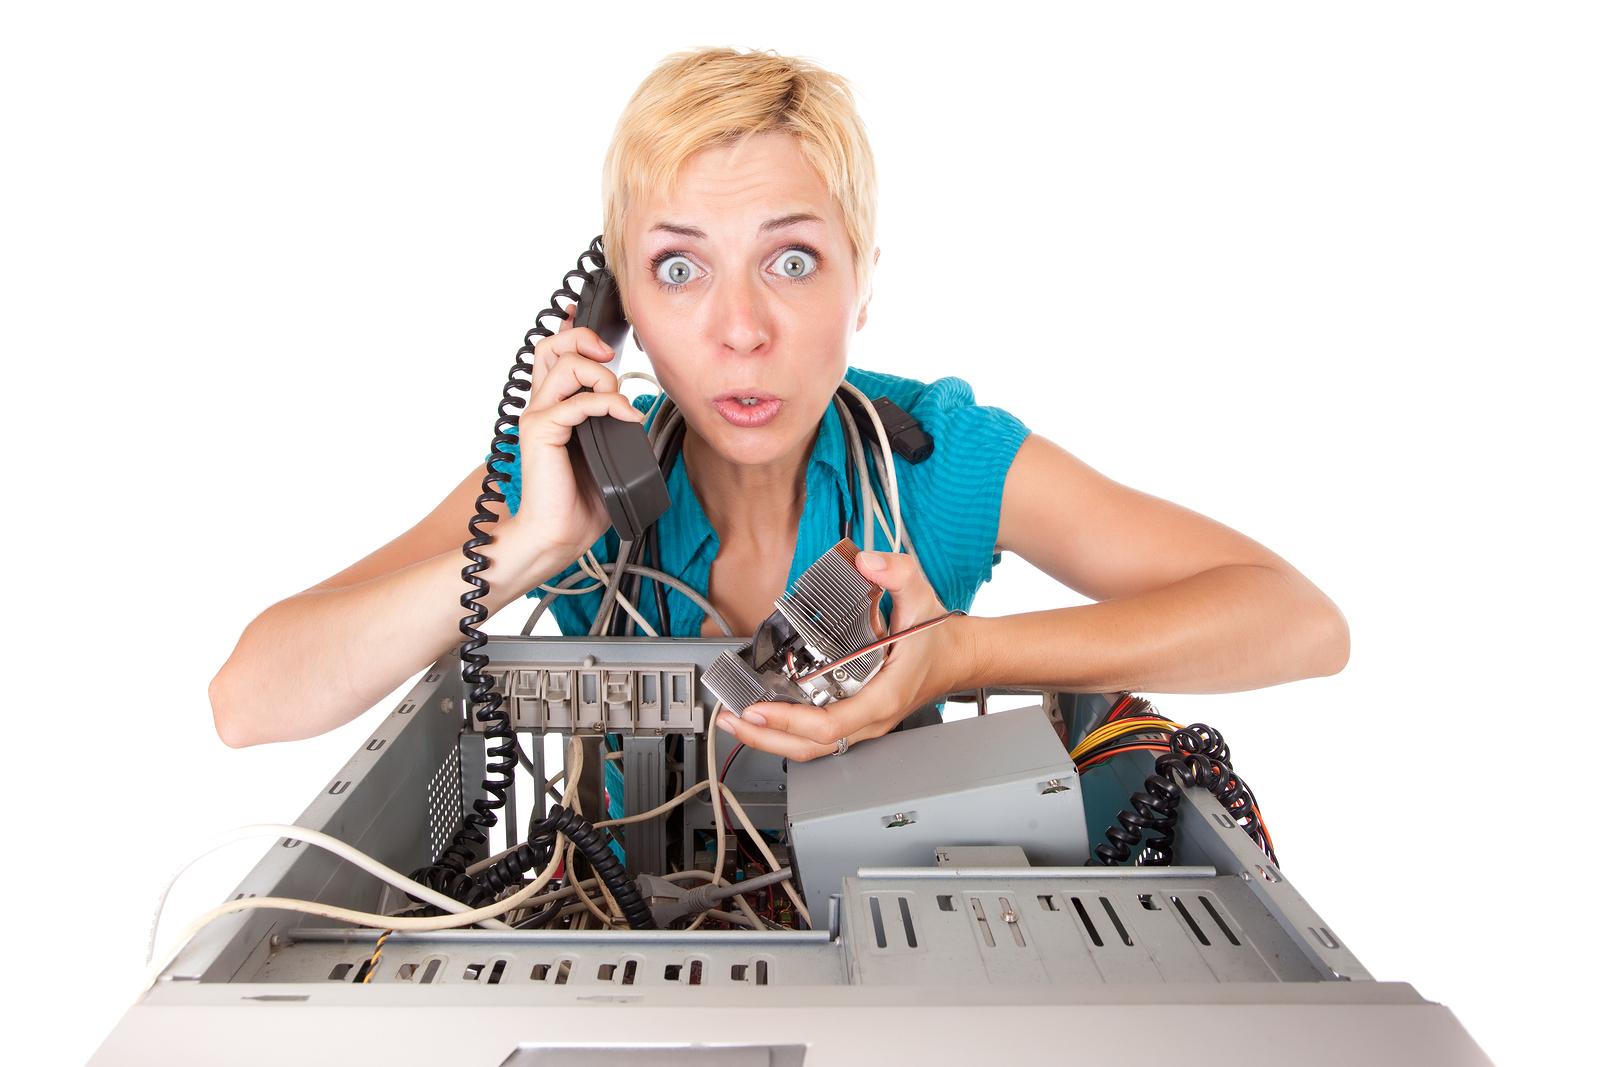 Woman calling for computer repair help